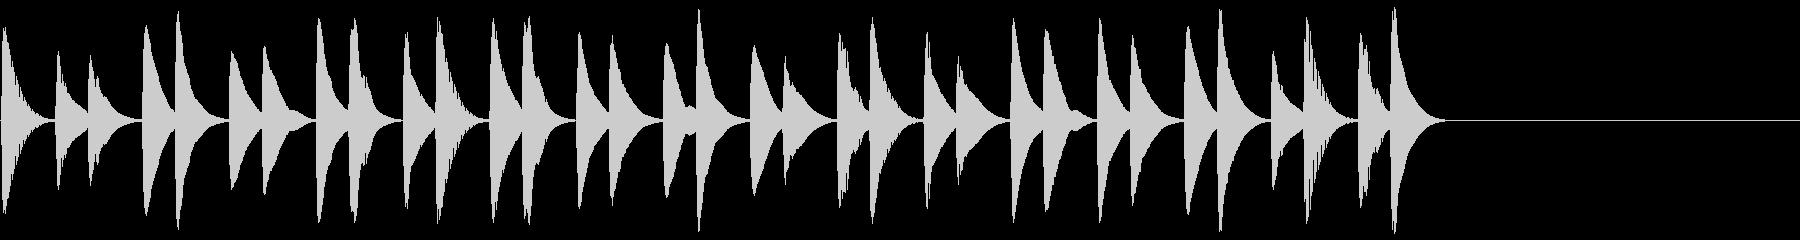 パンパランパパンパ…(アイキャッチ)の未再生の波形